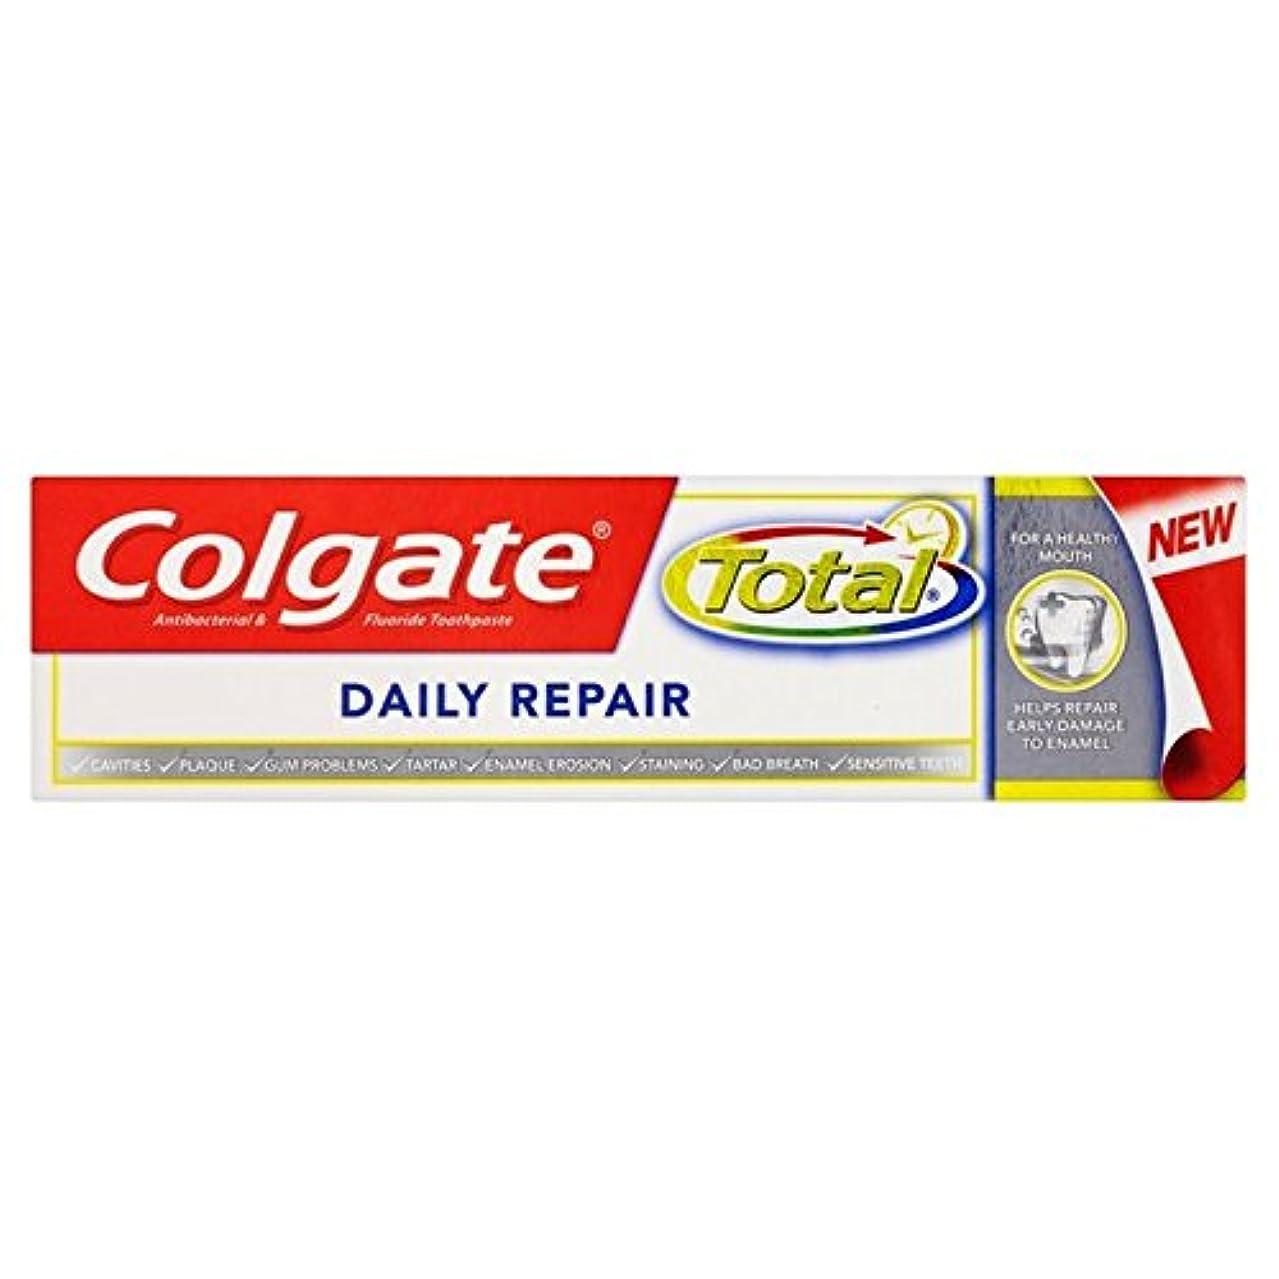 禁止する魔術師退屈Colgate Total Daily Repair Toothpaste 75ml (Pack of 6) - コルゲートトータル毎日修理歯磨き粉75ミリリットル x6 [並行輸入品]